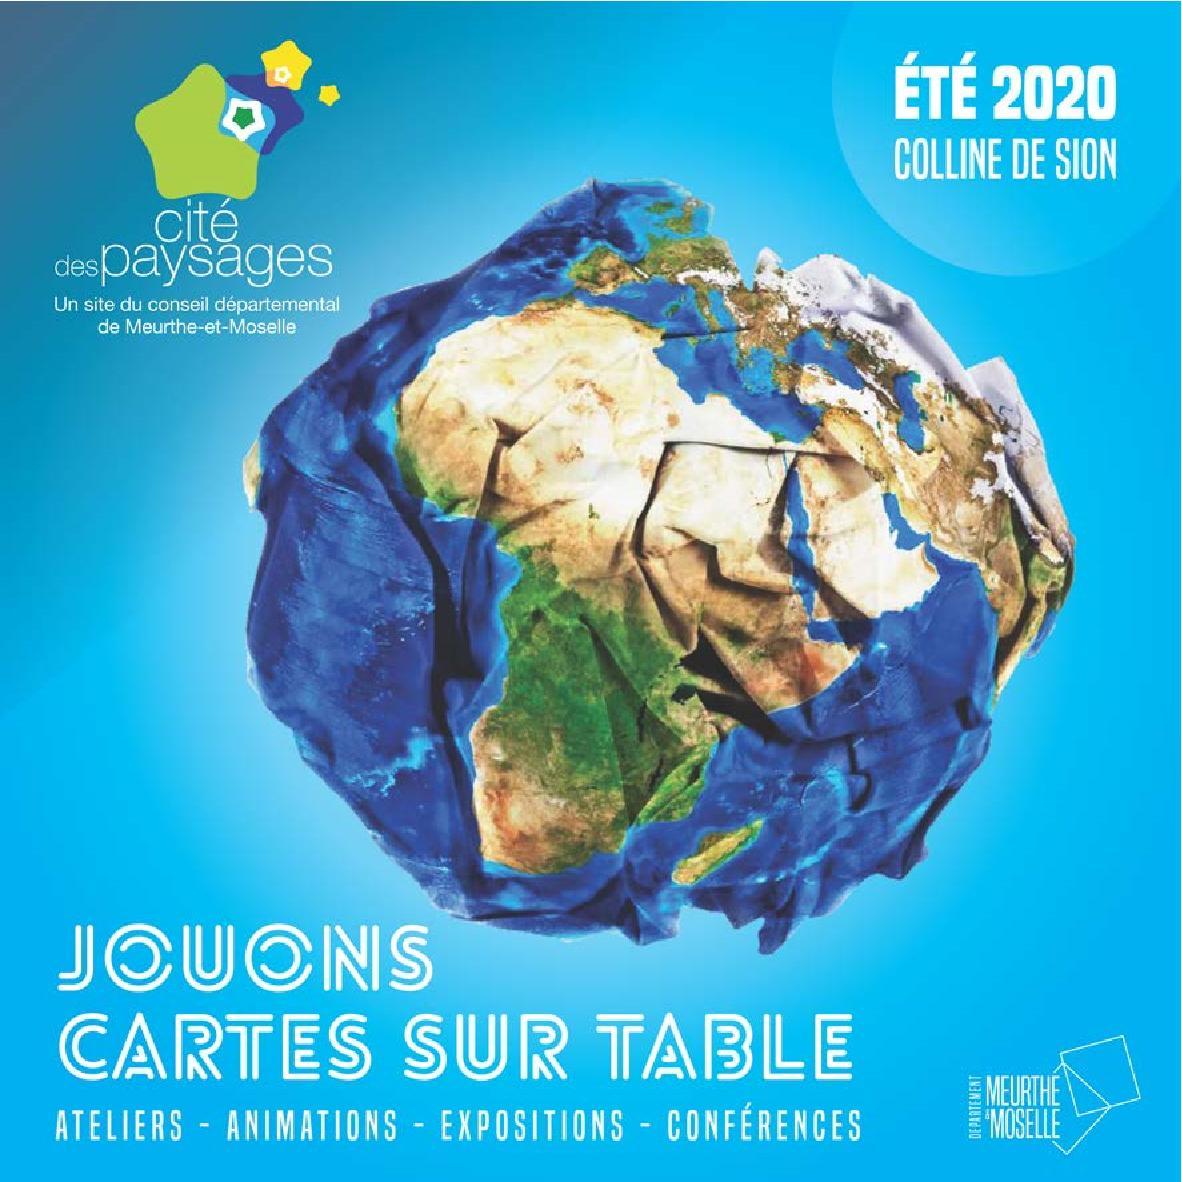 Cité des Paysages Saison 2020 Sion Ateliers, Animations, Expositions, Conférences